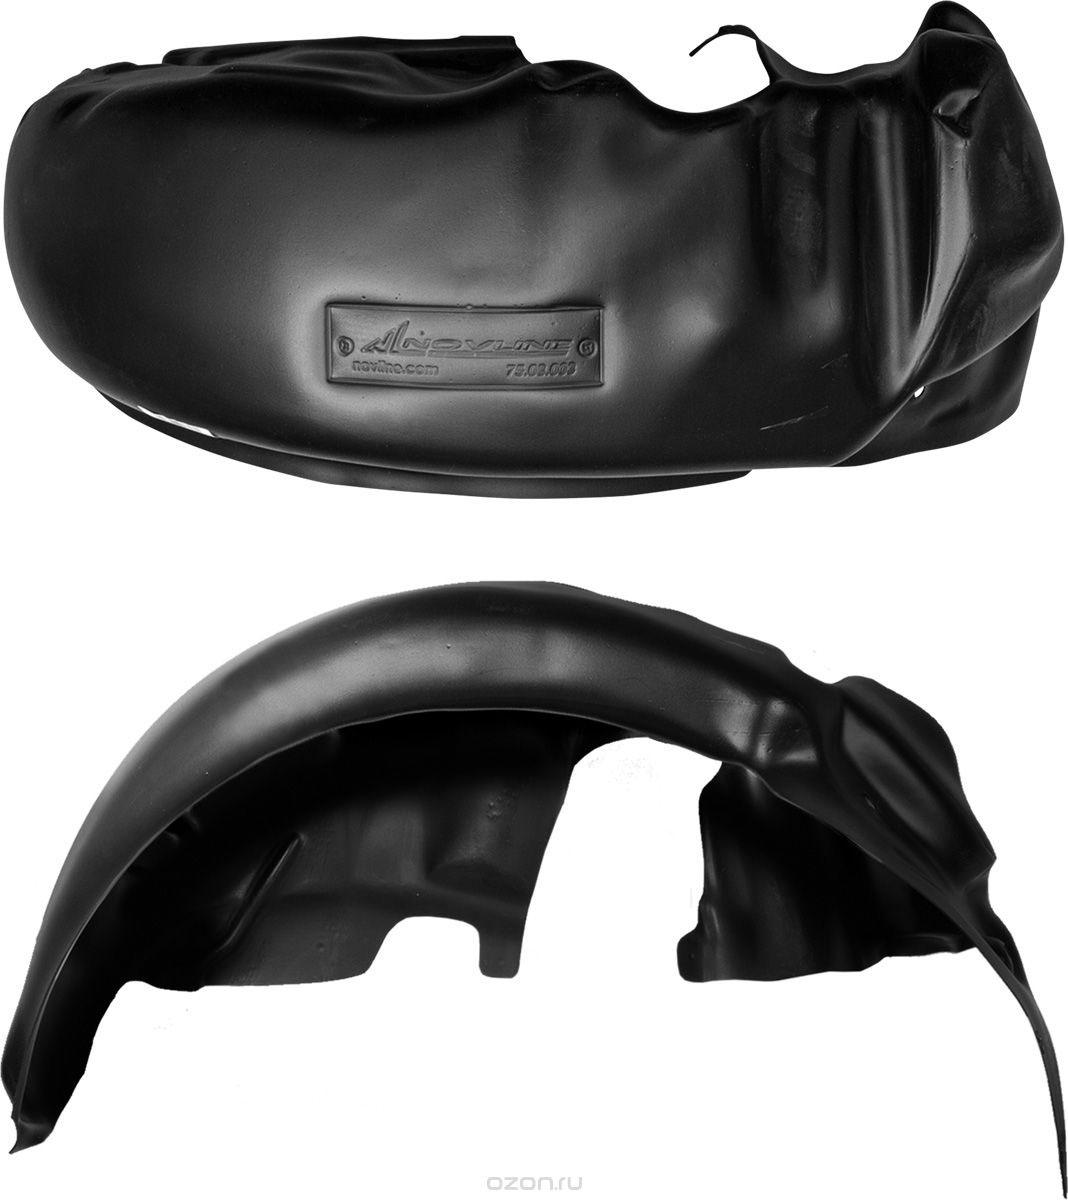 Подкрылок Novline-Autofamily, для Chery Bоnus 3, A19, 2014->, передний левыйNLL.63.16.001Идеальная защита колесной ниши. Локеры разработаны с применением цифровых технологий, гарантируют максимальную повторяемость поверхности арки. Изделия устанавливаются без нарушения лакокрасочного покрытия автомобиля, каждый подкрылок комплектуется крепежом. Уважаемые клиенты, обращаем ваше внимание, что фотографии на подкрылки универсальные и не отражают реальную форму изделия. При этом само изделие идет точно под размер указанного автомобиля.